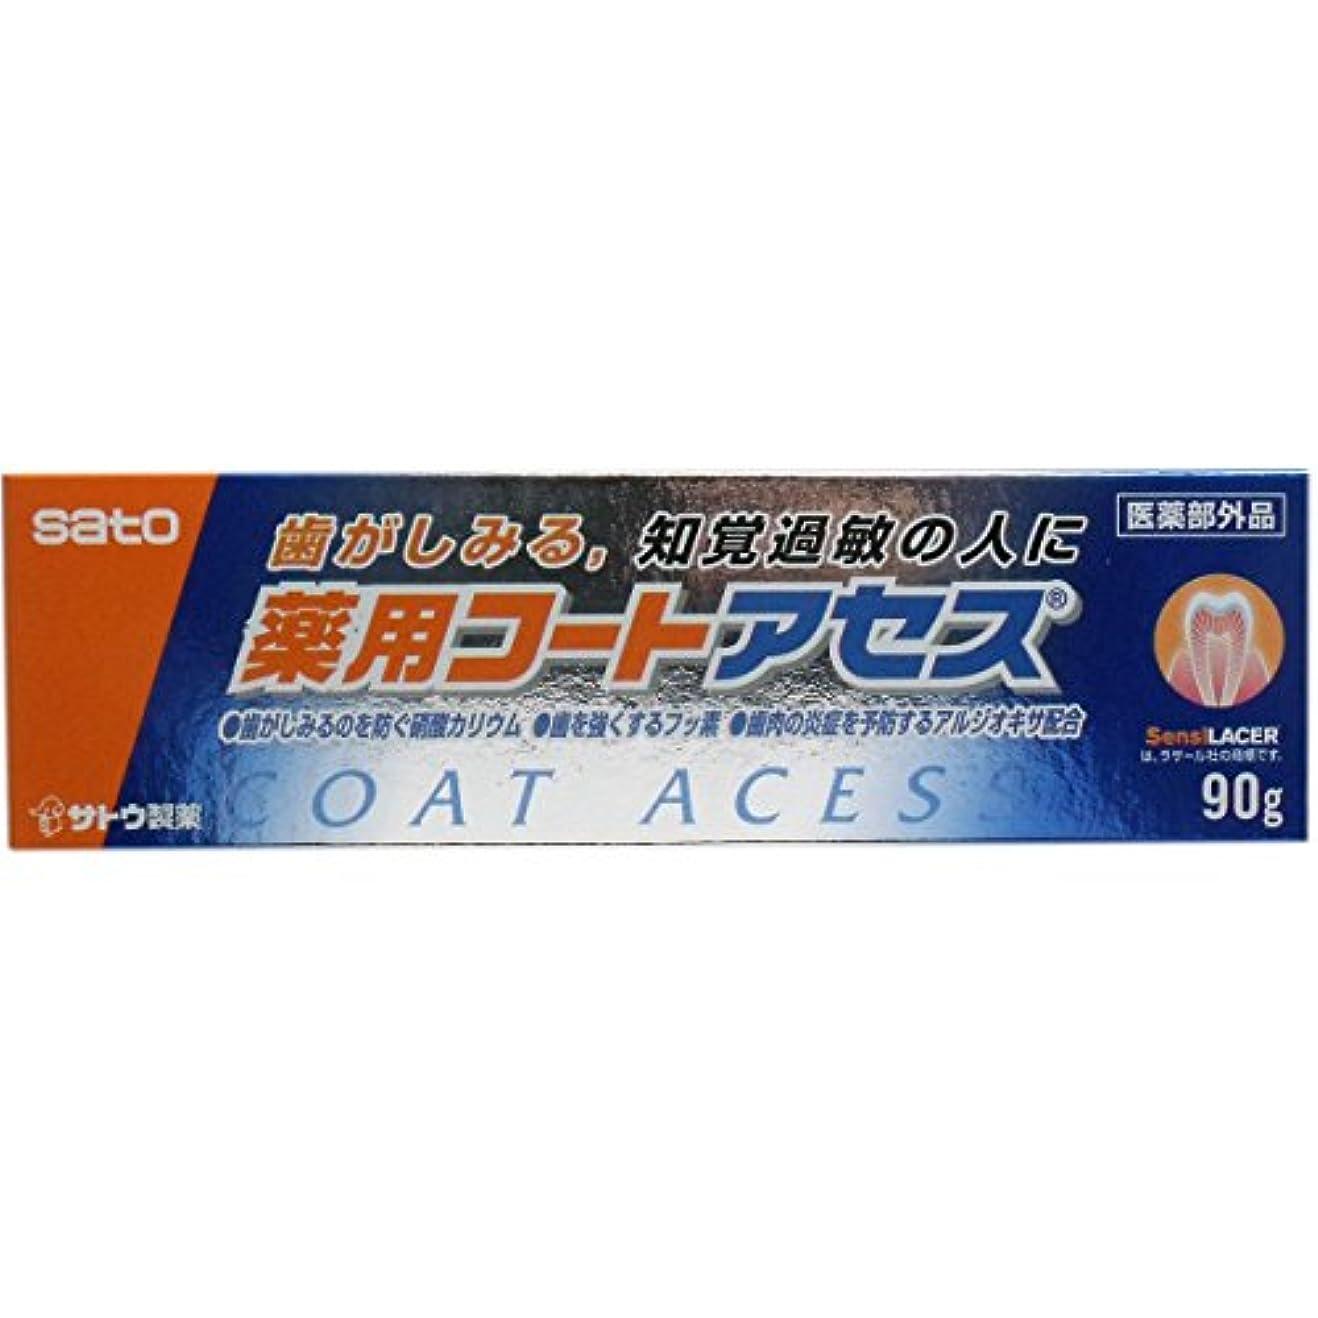 ストレージ財団アミューズメントサトウ製薬 薬用コートアセス 薬用歯みがき 90g ×6個セット